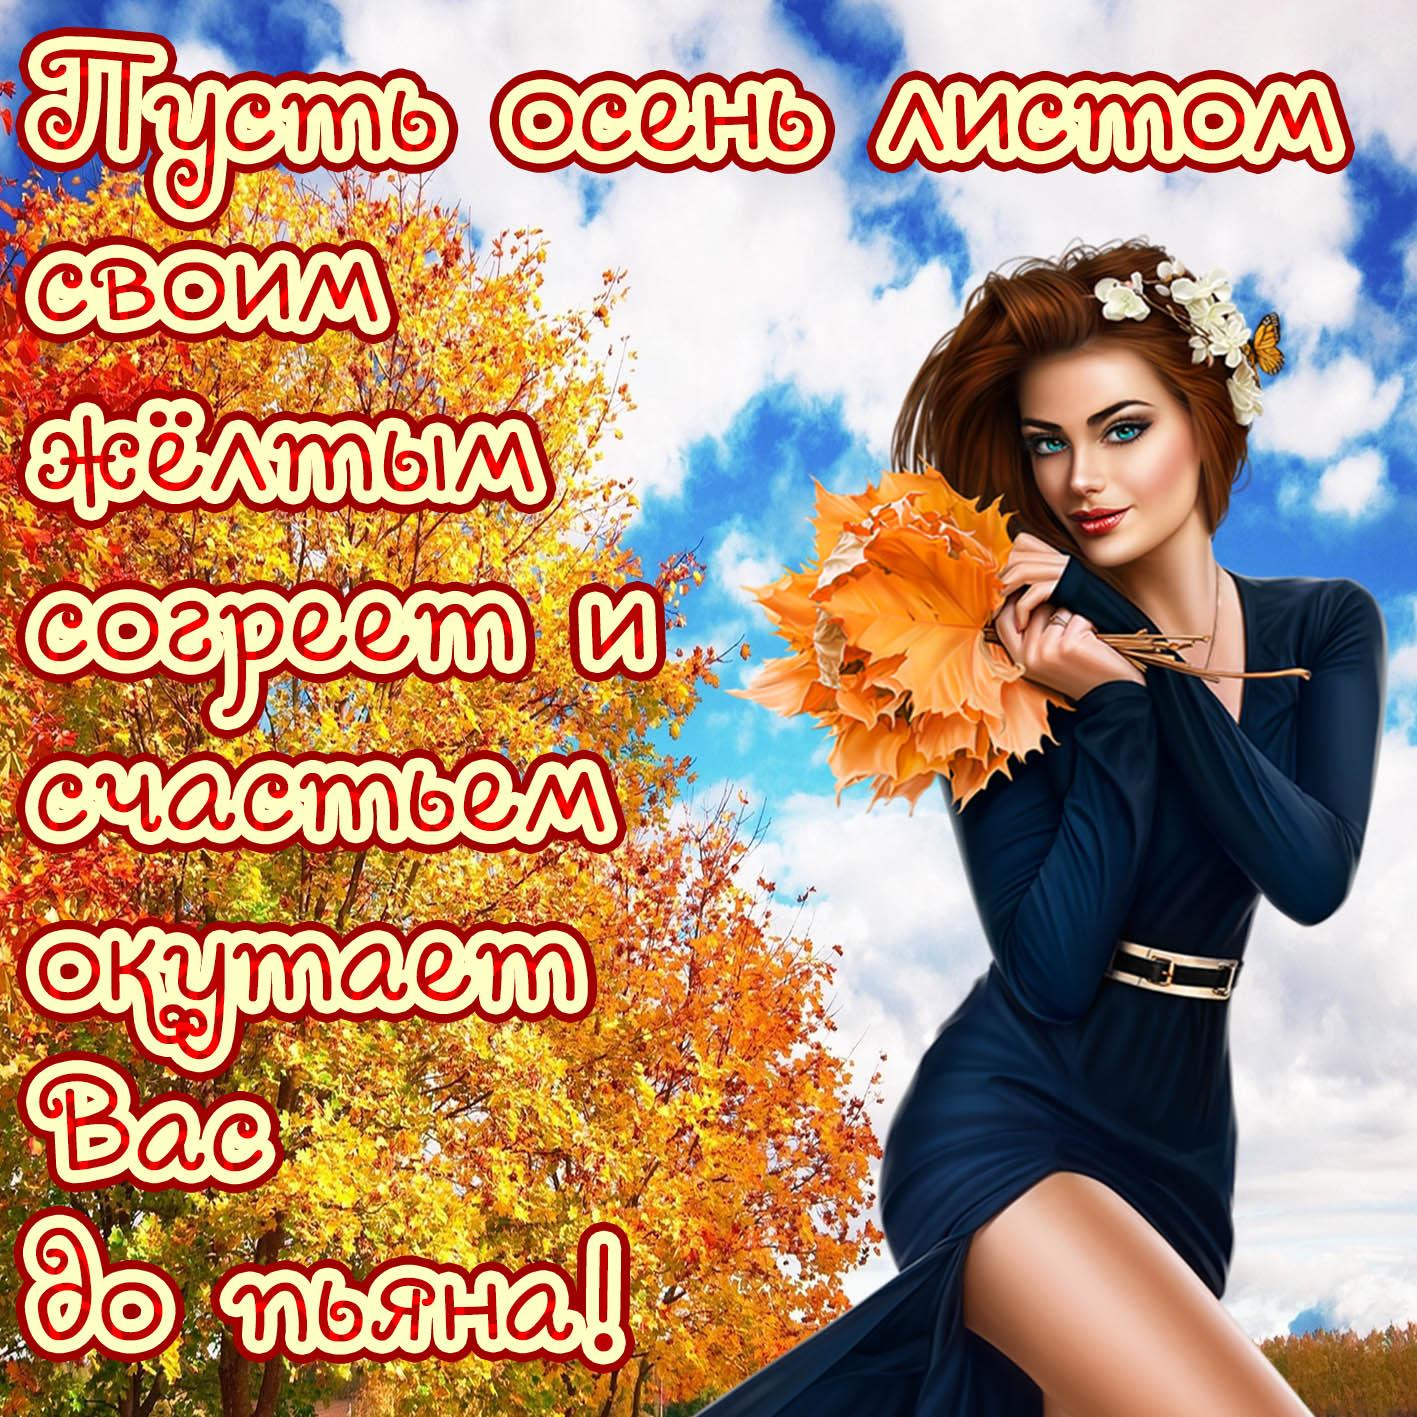 Картинки пятница осень, открытки